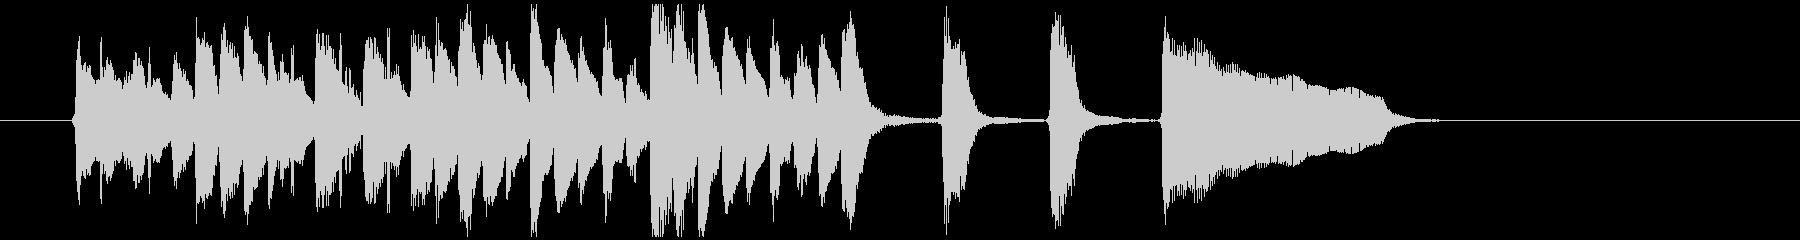 ソナチネ風のピアノ練習曲的なジングルの未再生の波形